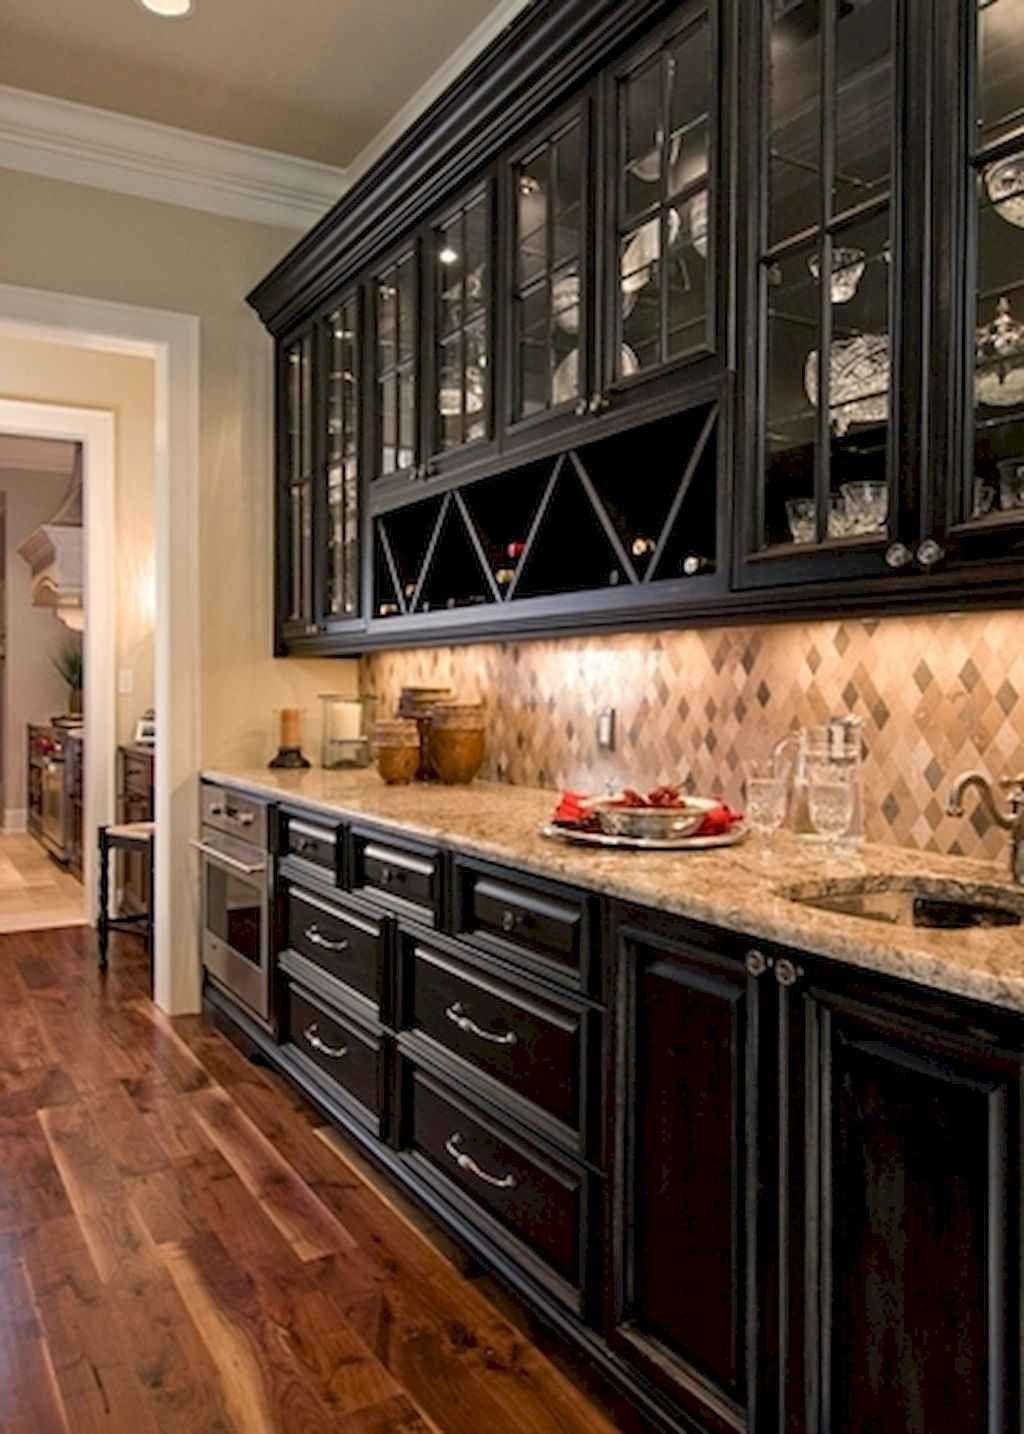 60 Black Kitchen Cabinets Design Ideas Kitchen Cabinet Design Black Kitchen Cabinets Kitchen Cabinets